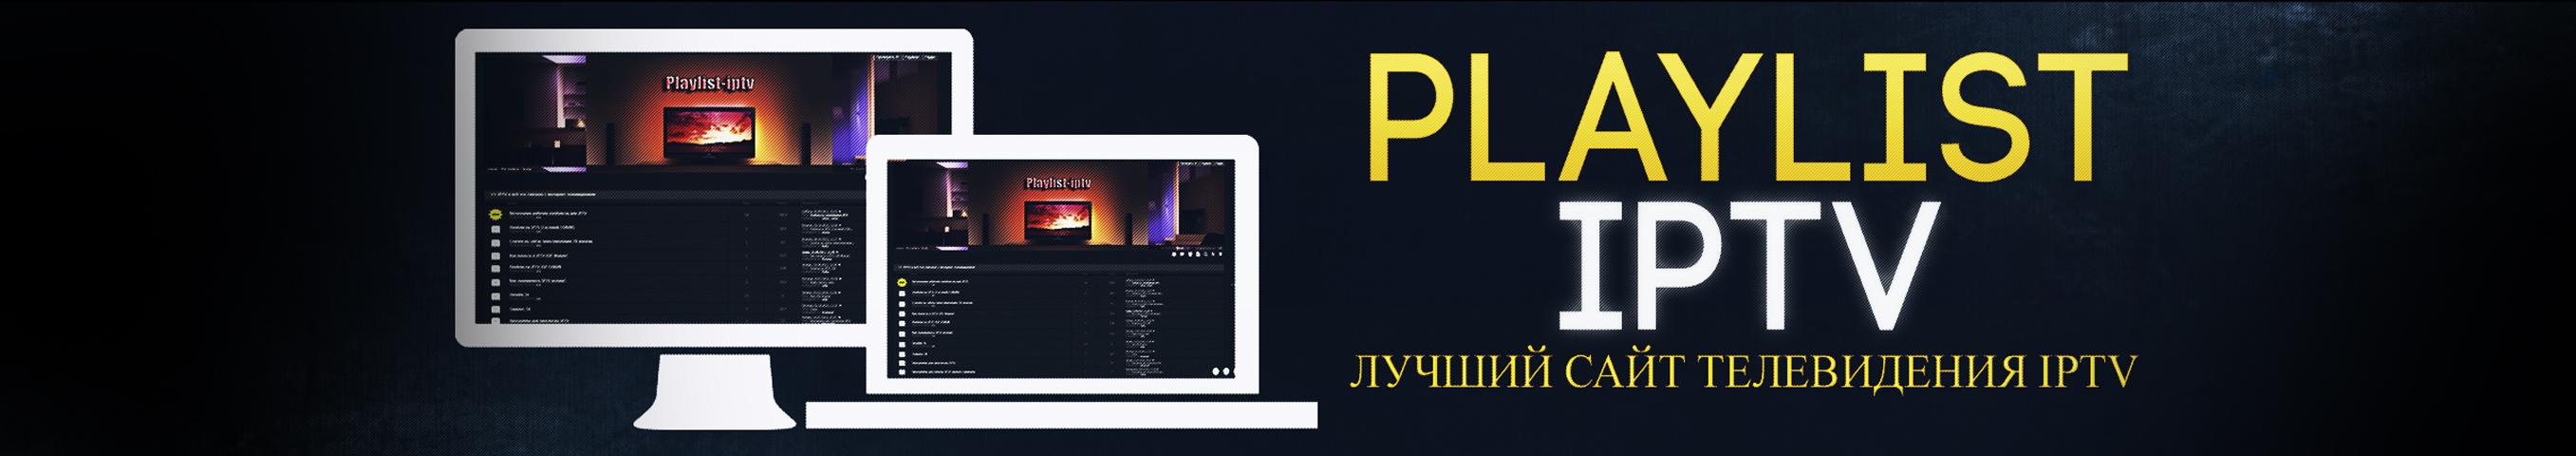 Плейлисты iptv каналов m3u скачать бесплатно 2018 рабочие | it-doc.